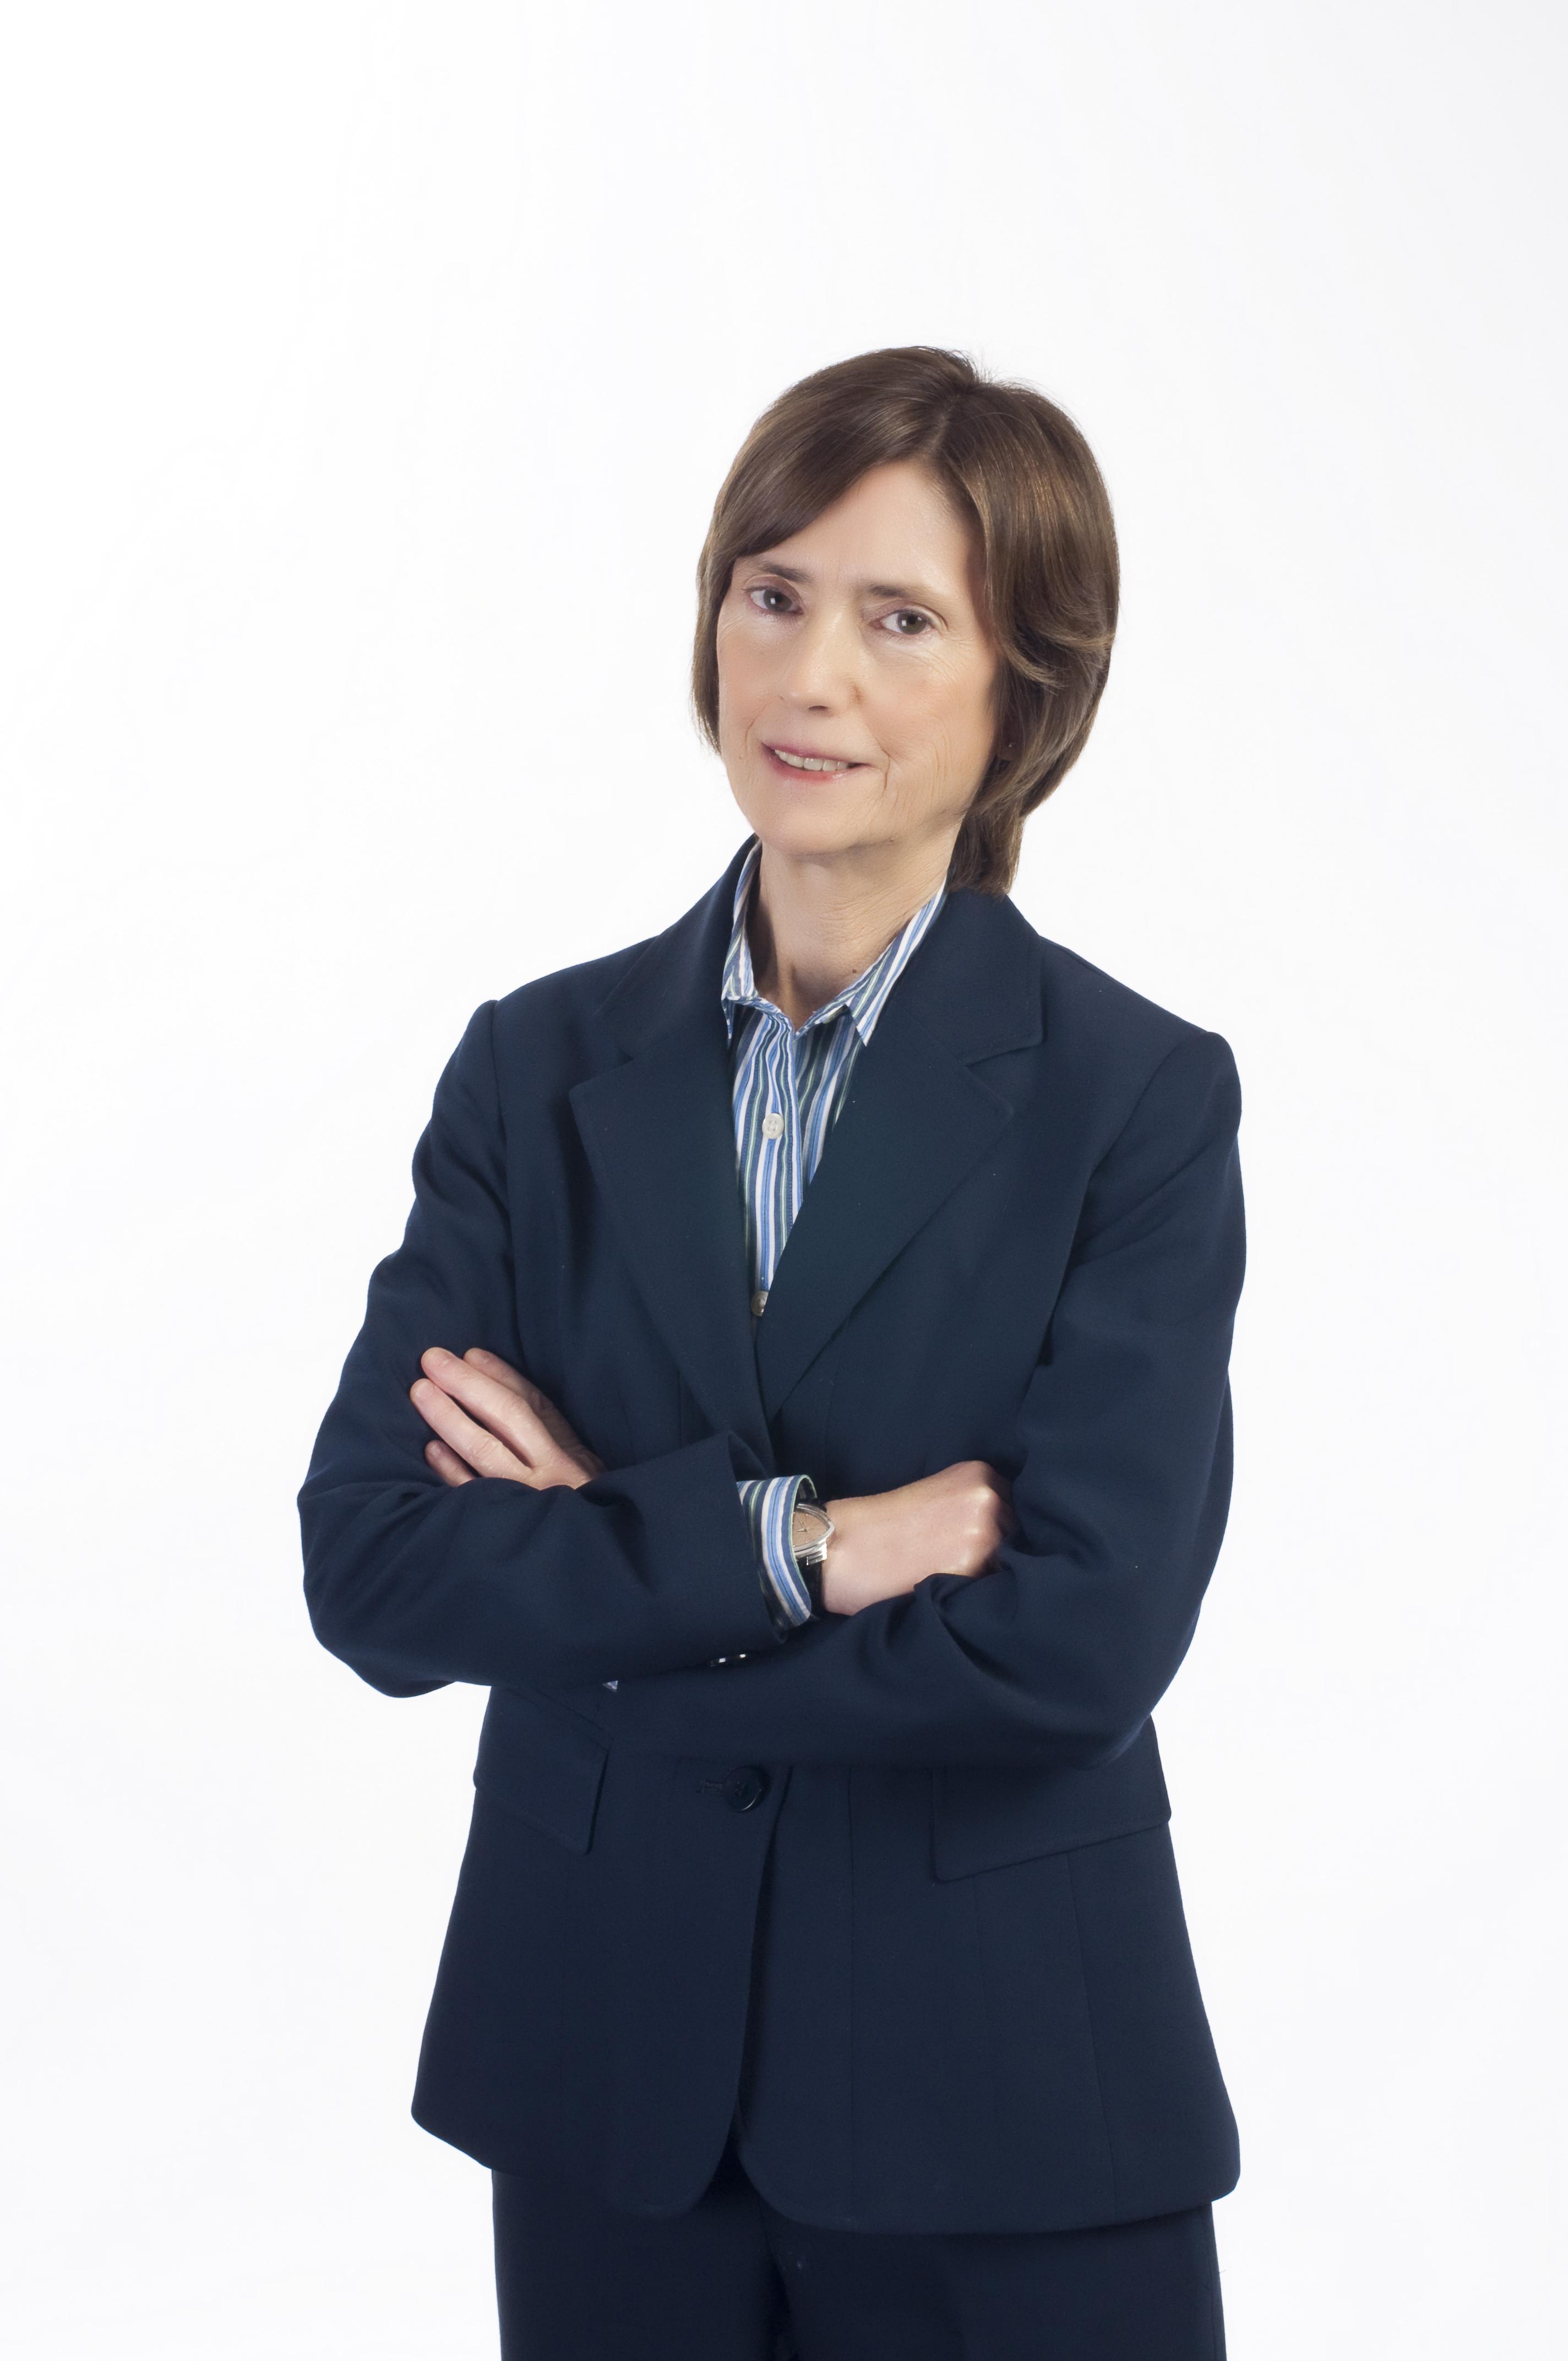 Titan Of The Plaintiffs Bar: Elizabeth Cabraser - Law360